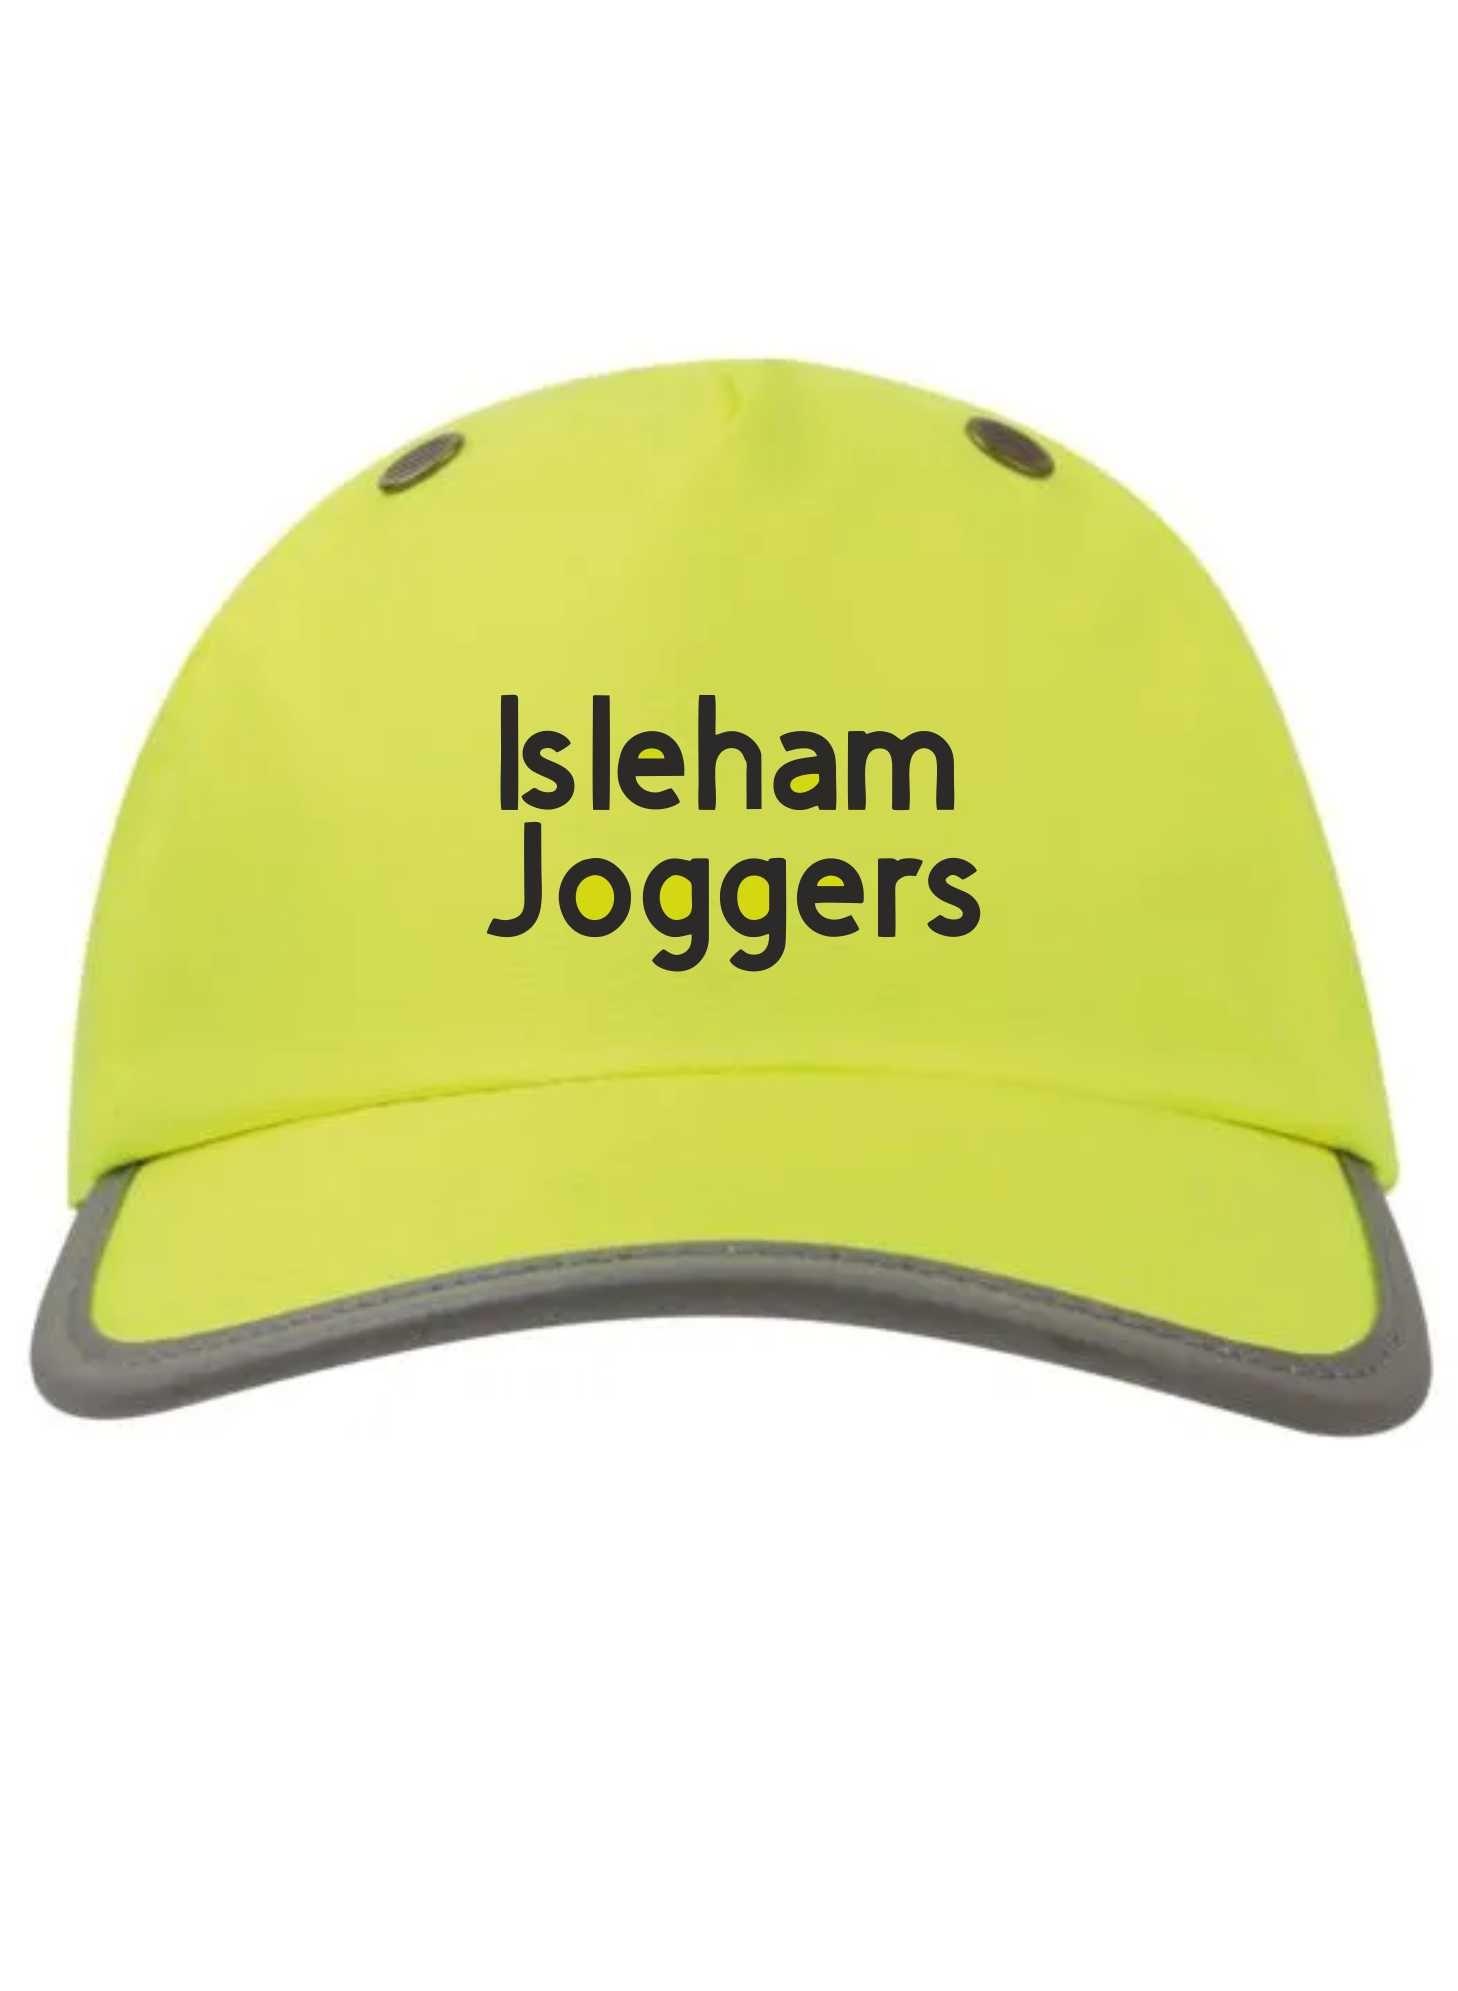 Isleham Joggers- Printed Cap